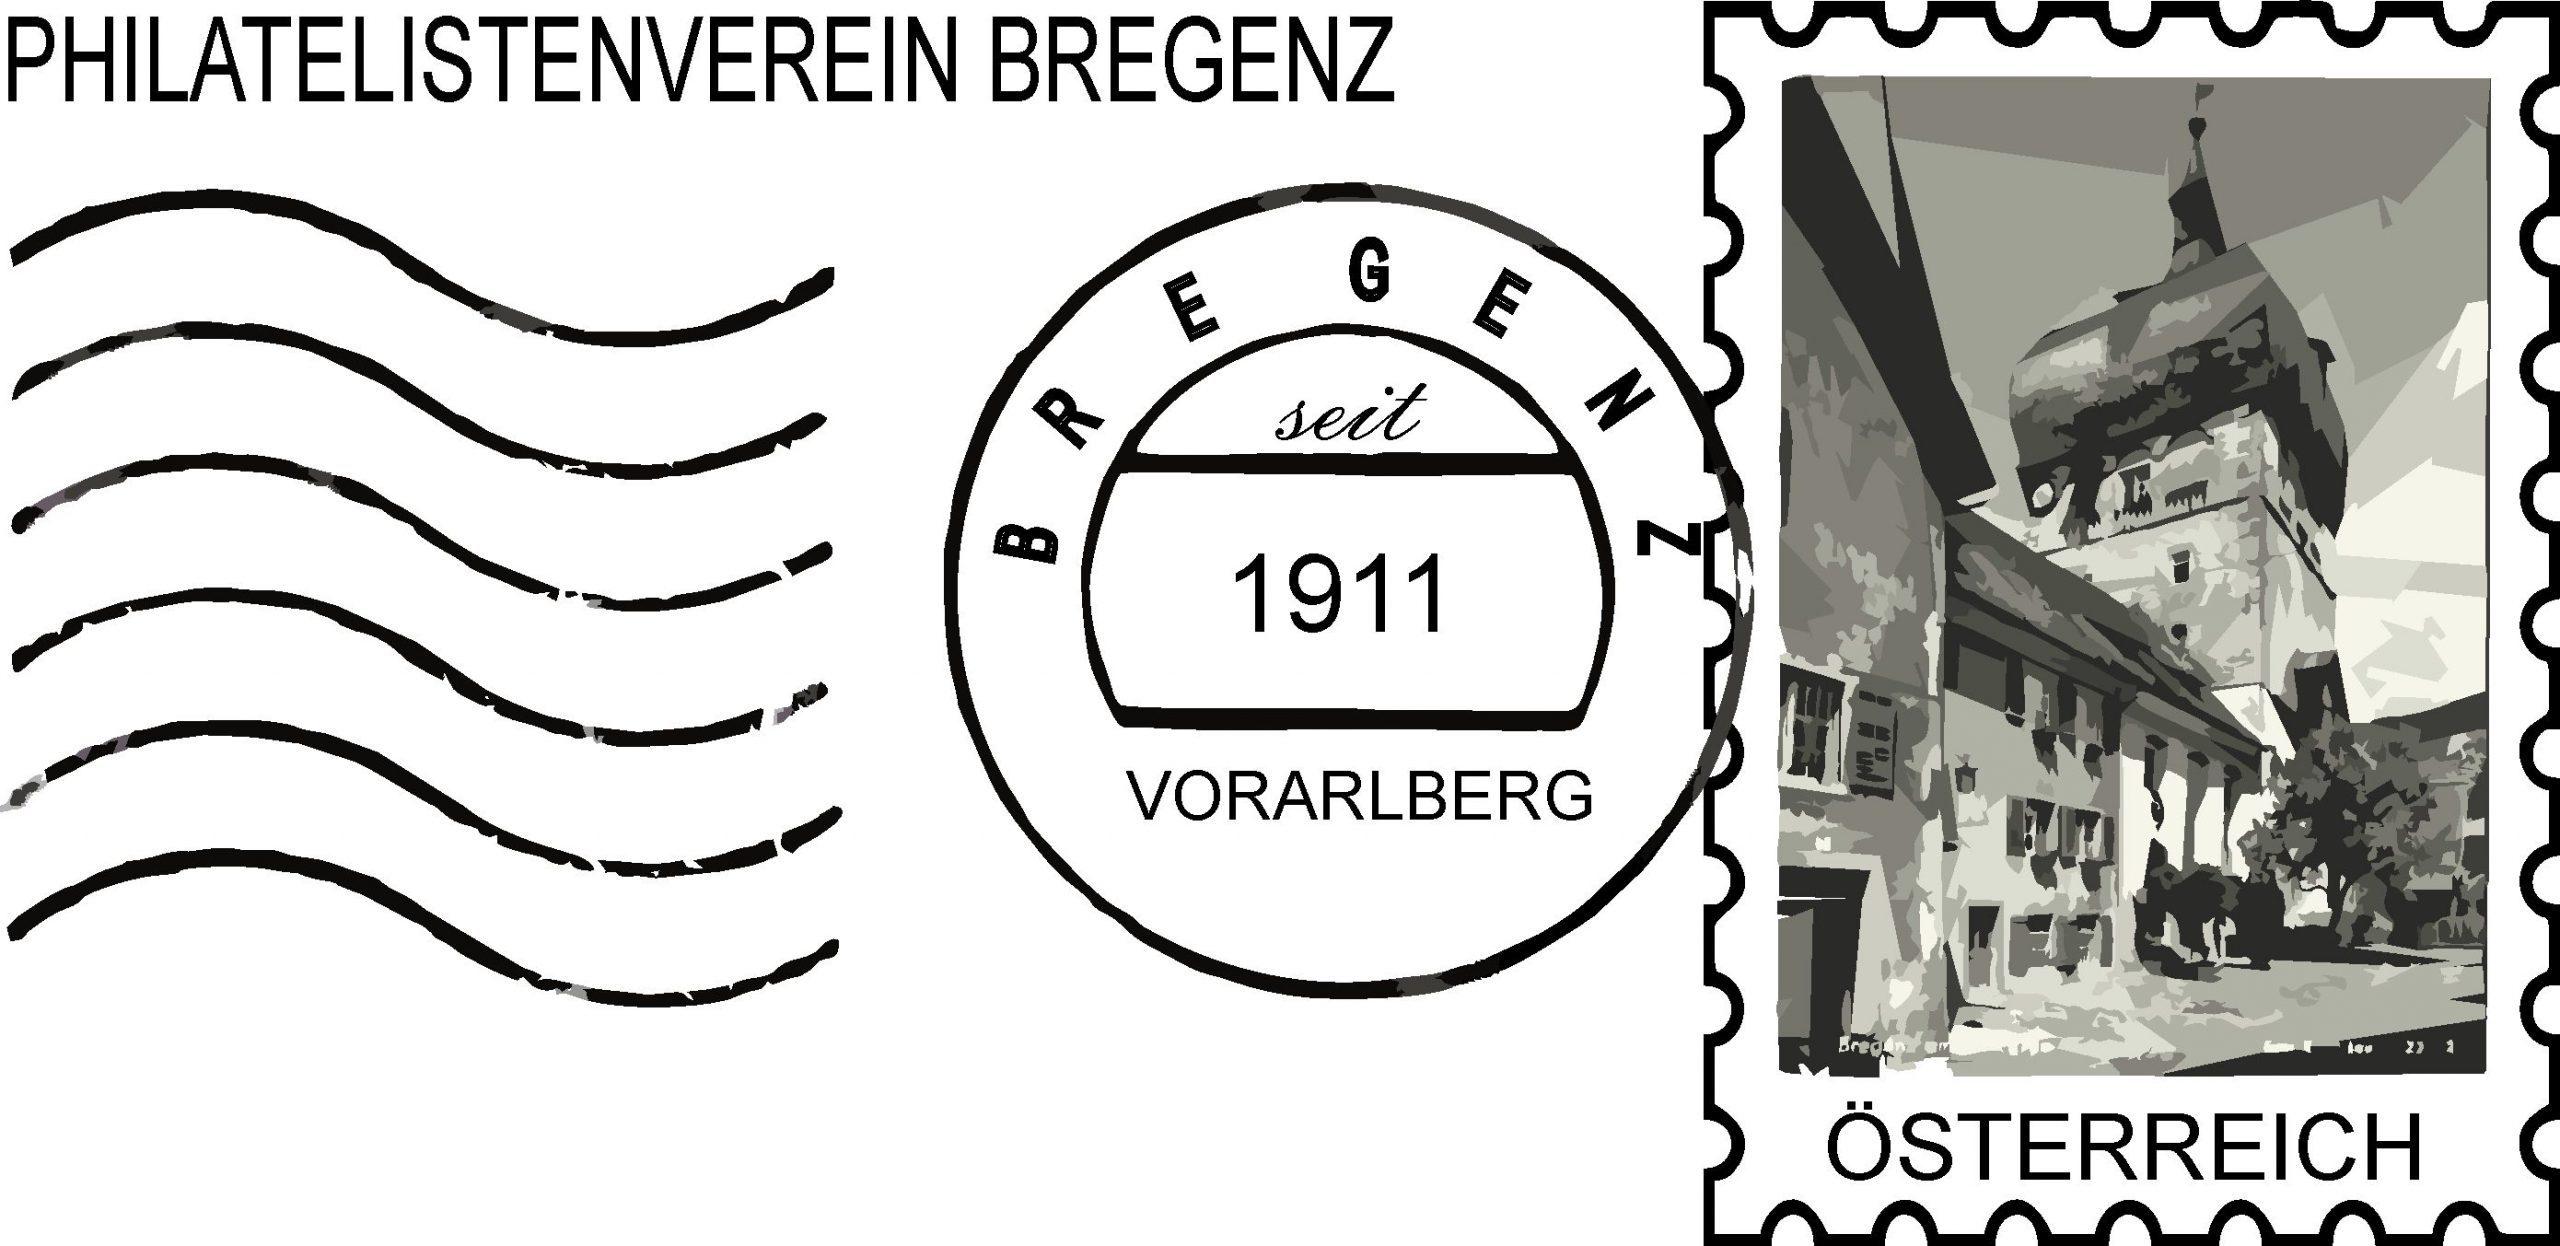 Philatelistenverein Bregenz